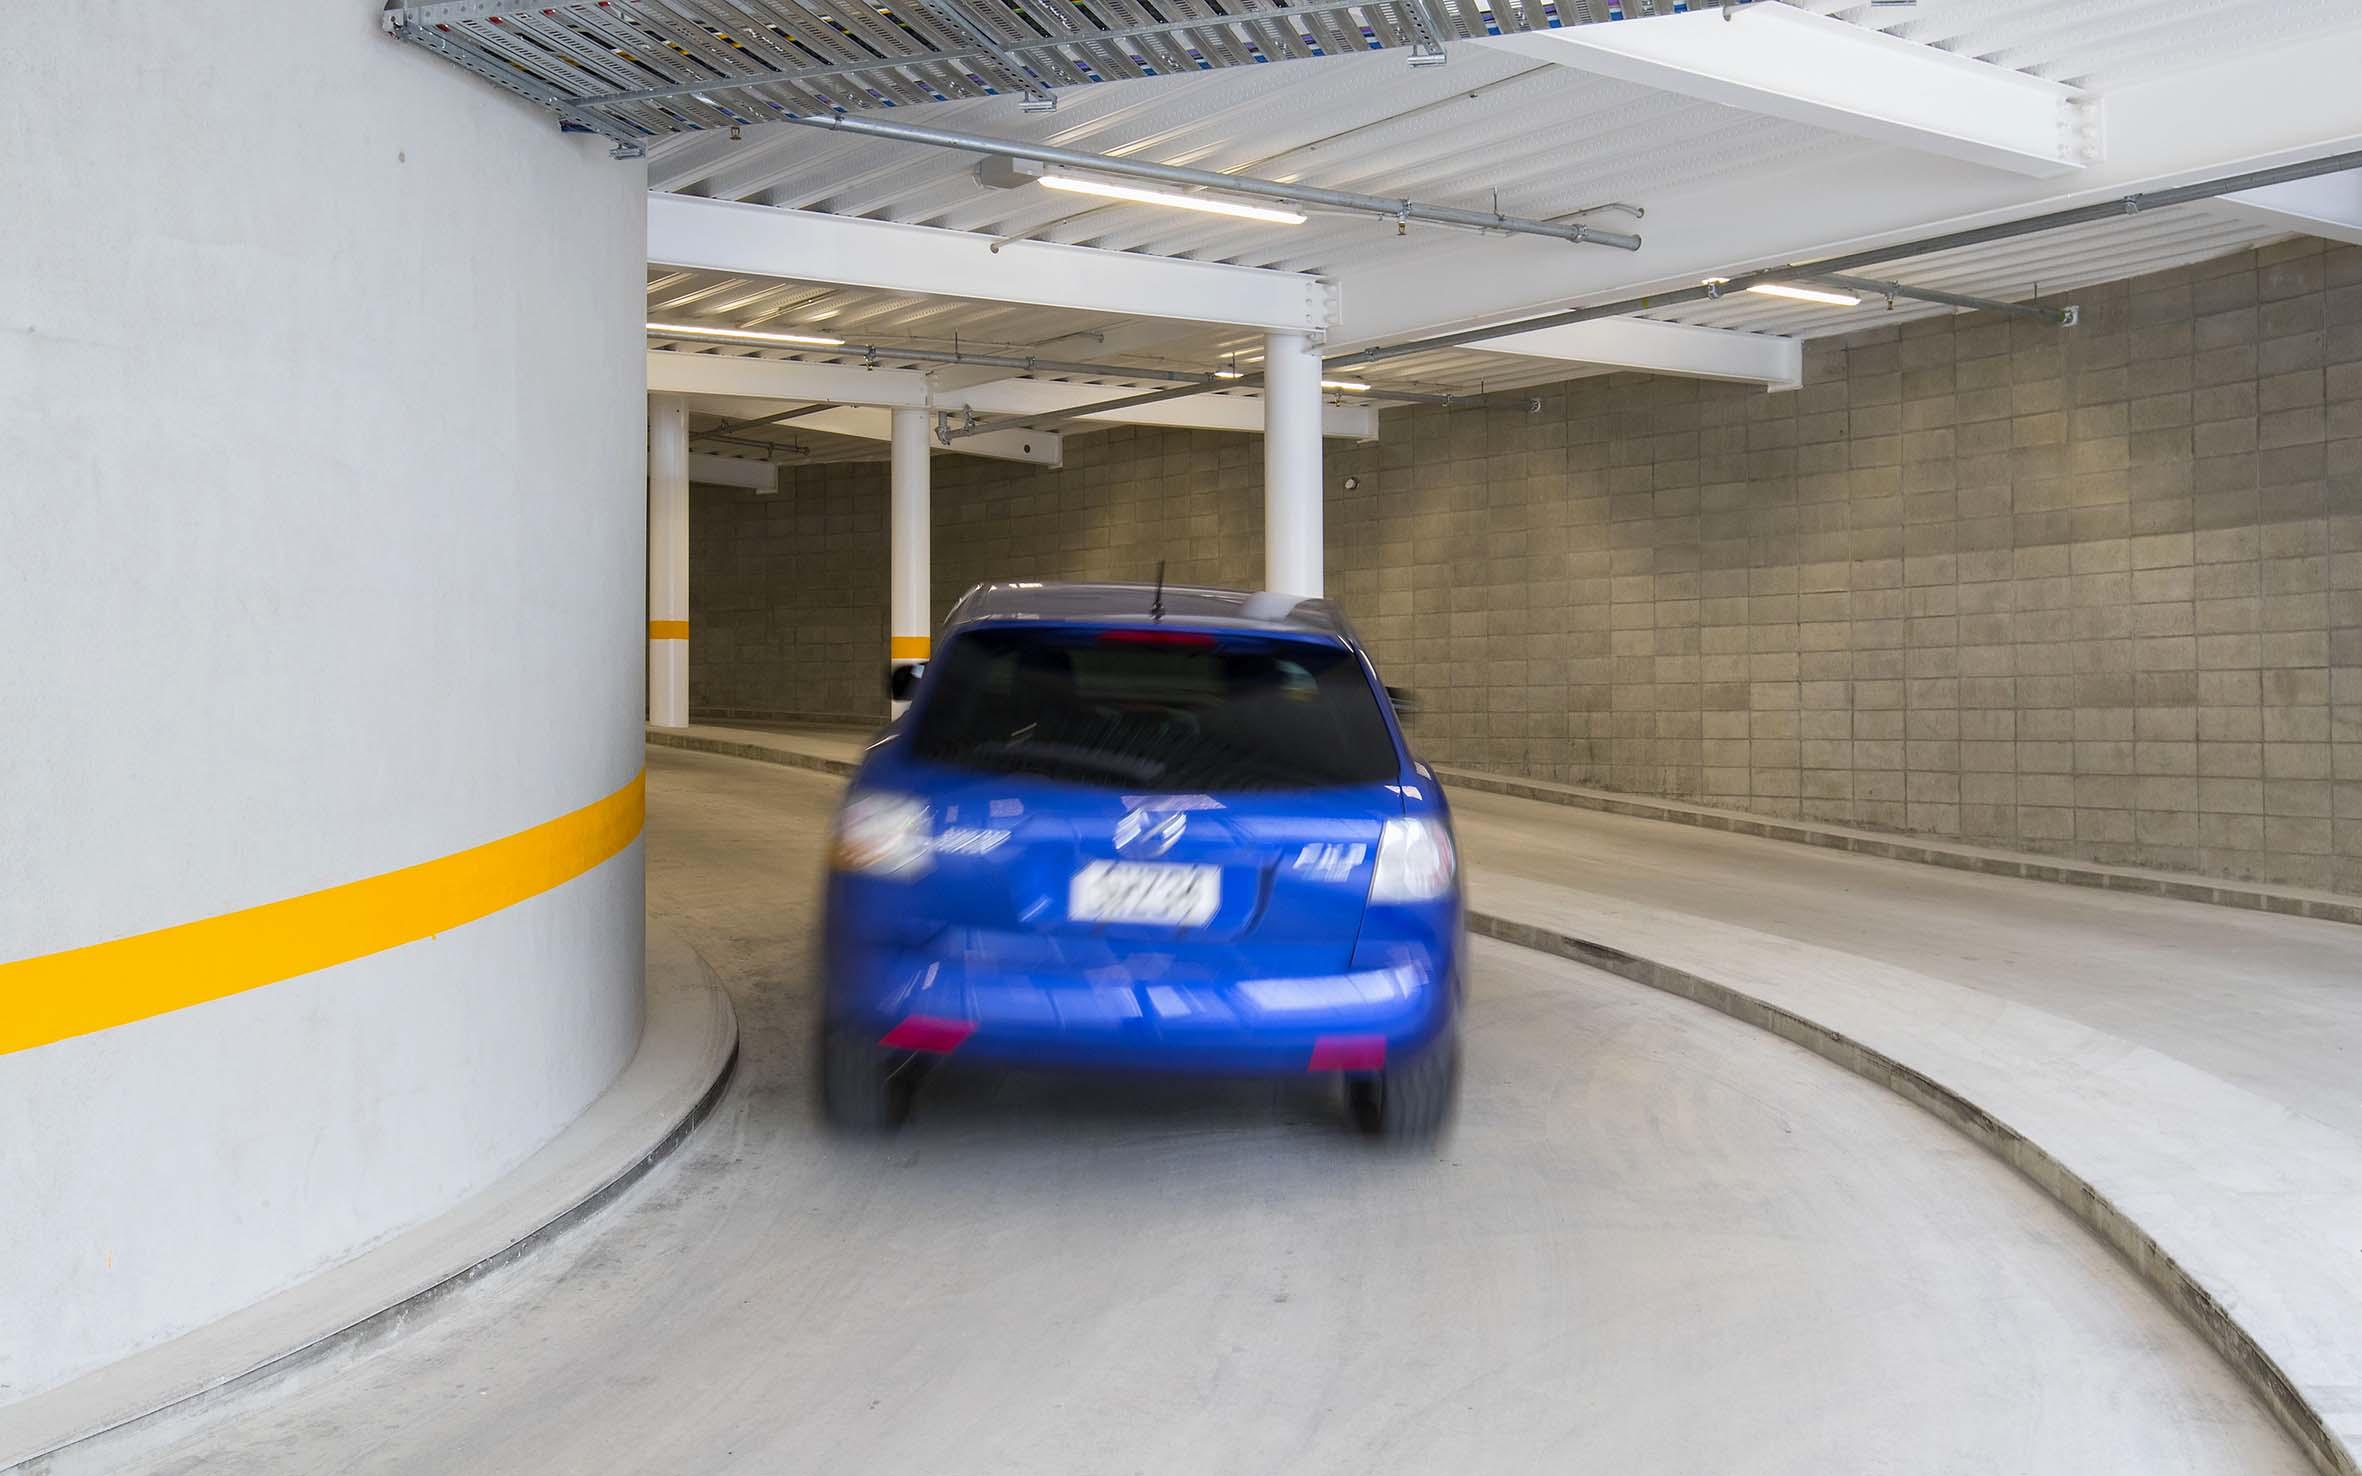 Lichfield Street Parking Building Opens Christchurch City Council